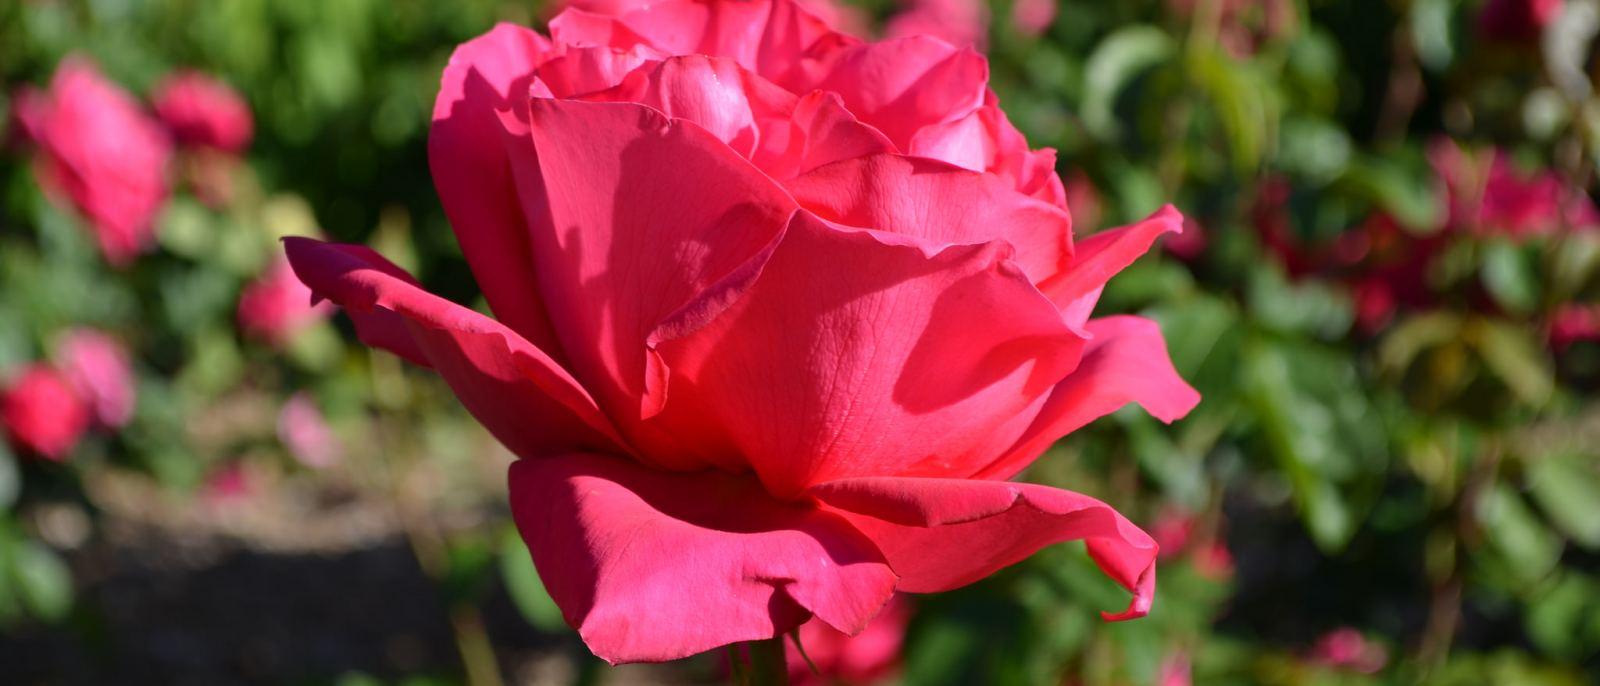 Rose Garden Roses Flower Flowers